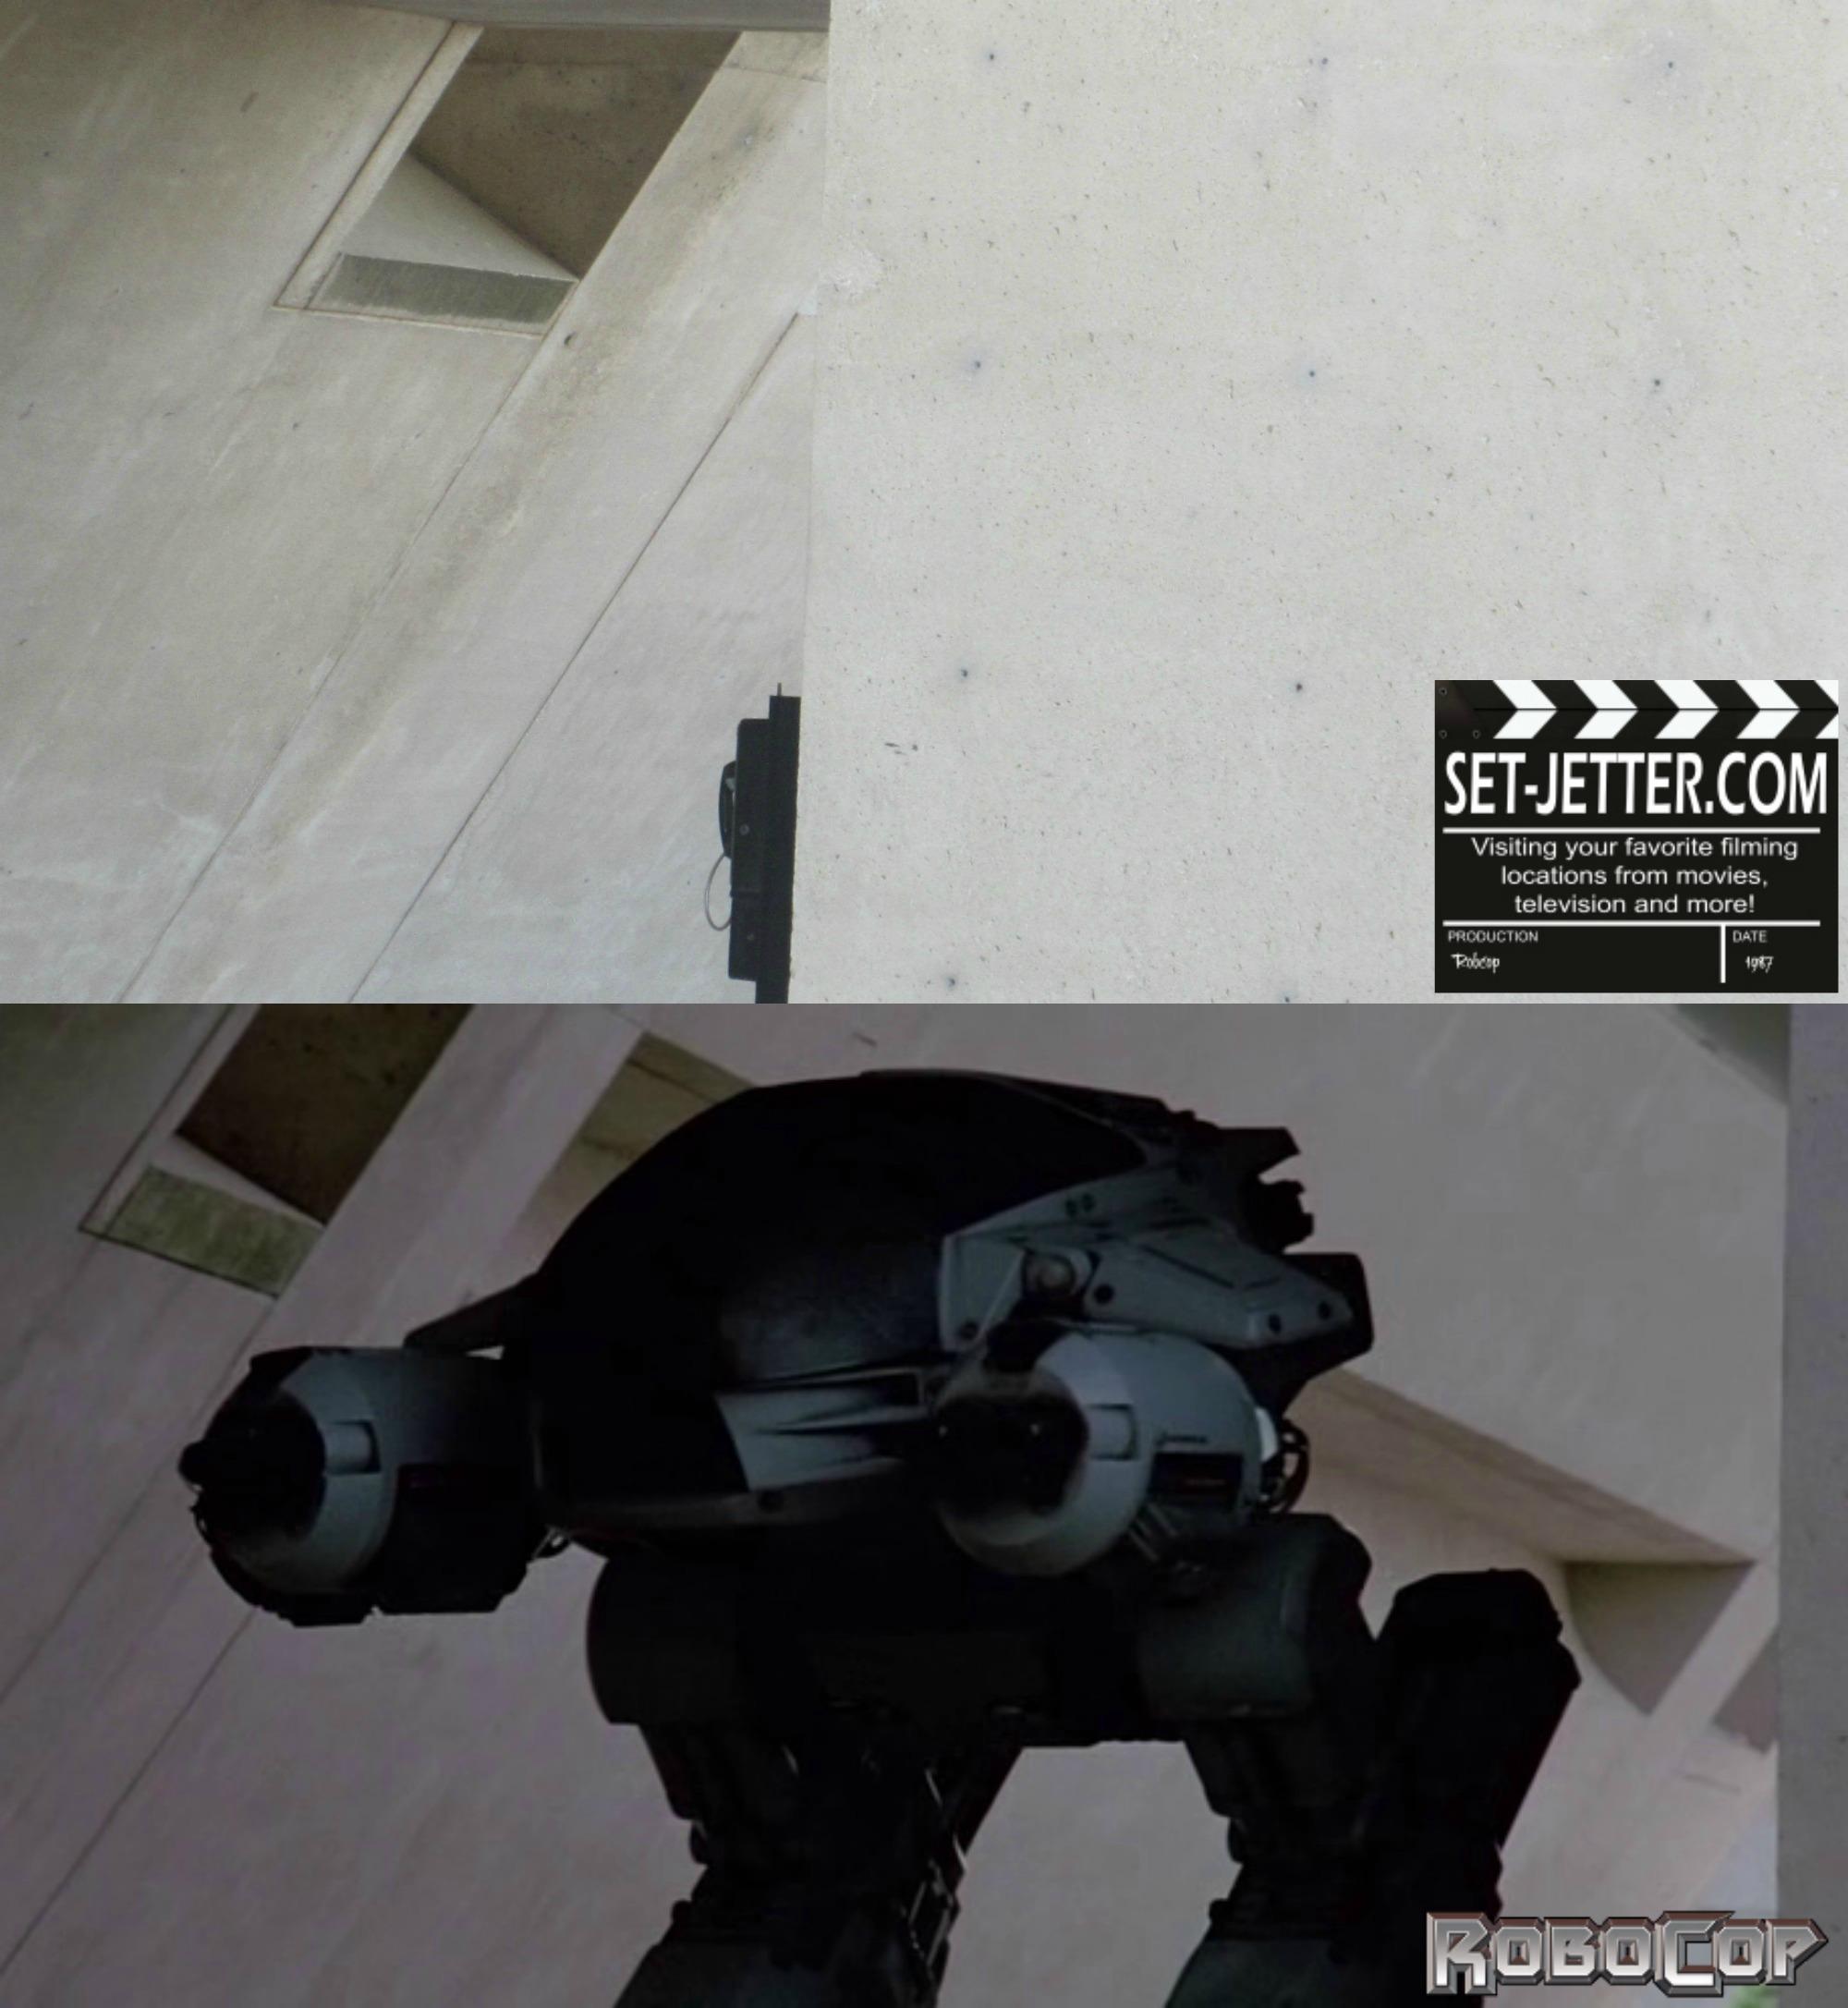 Robocop comparison 161.jpg